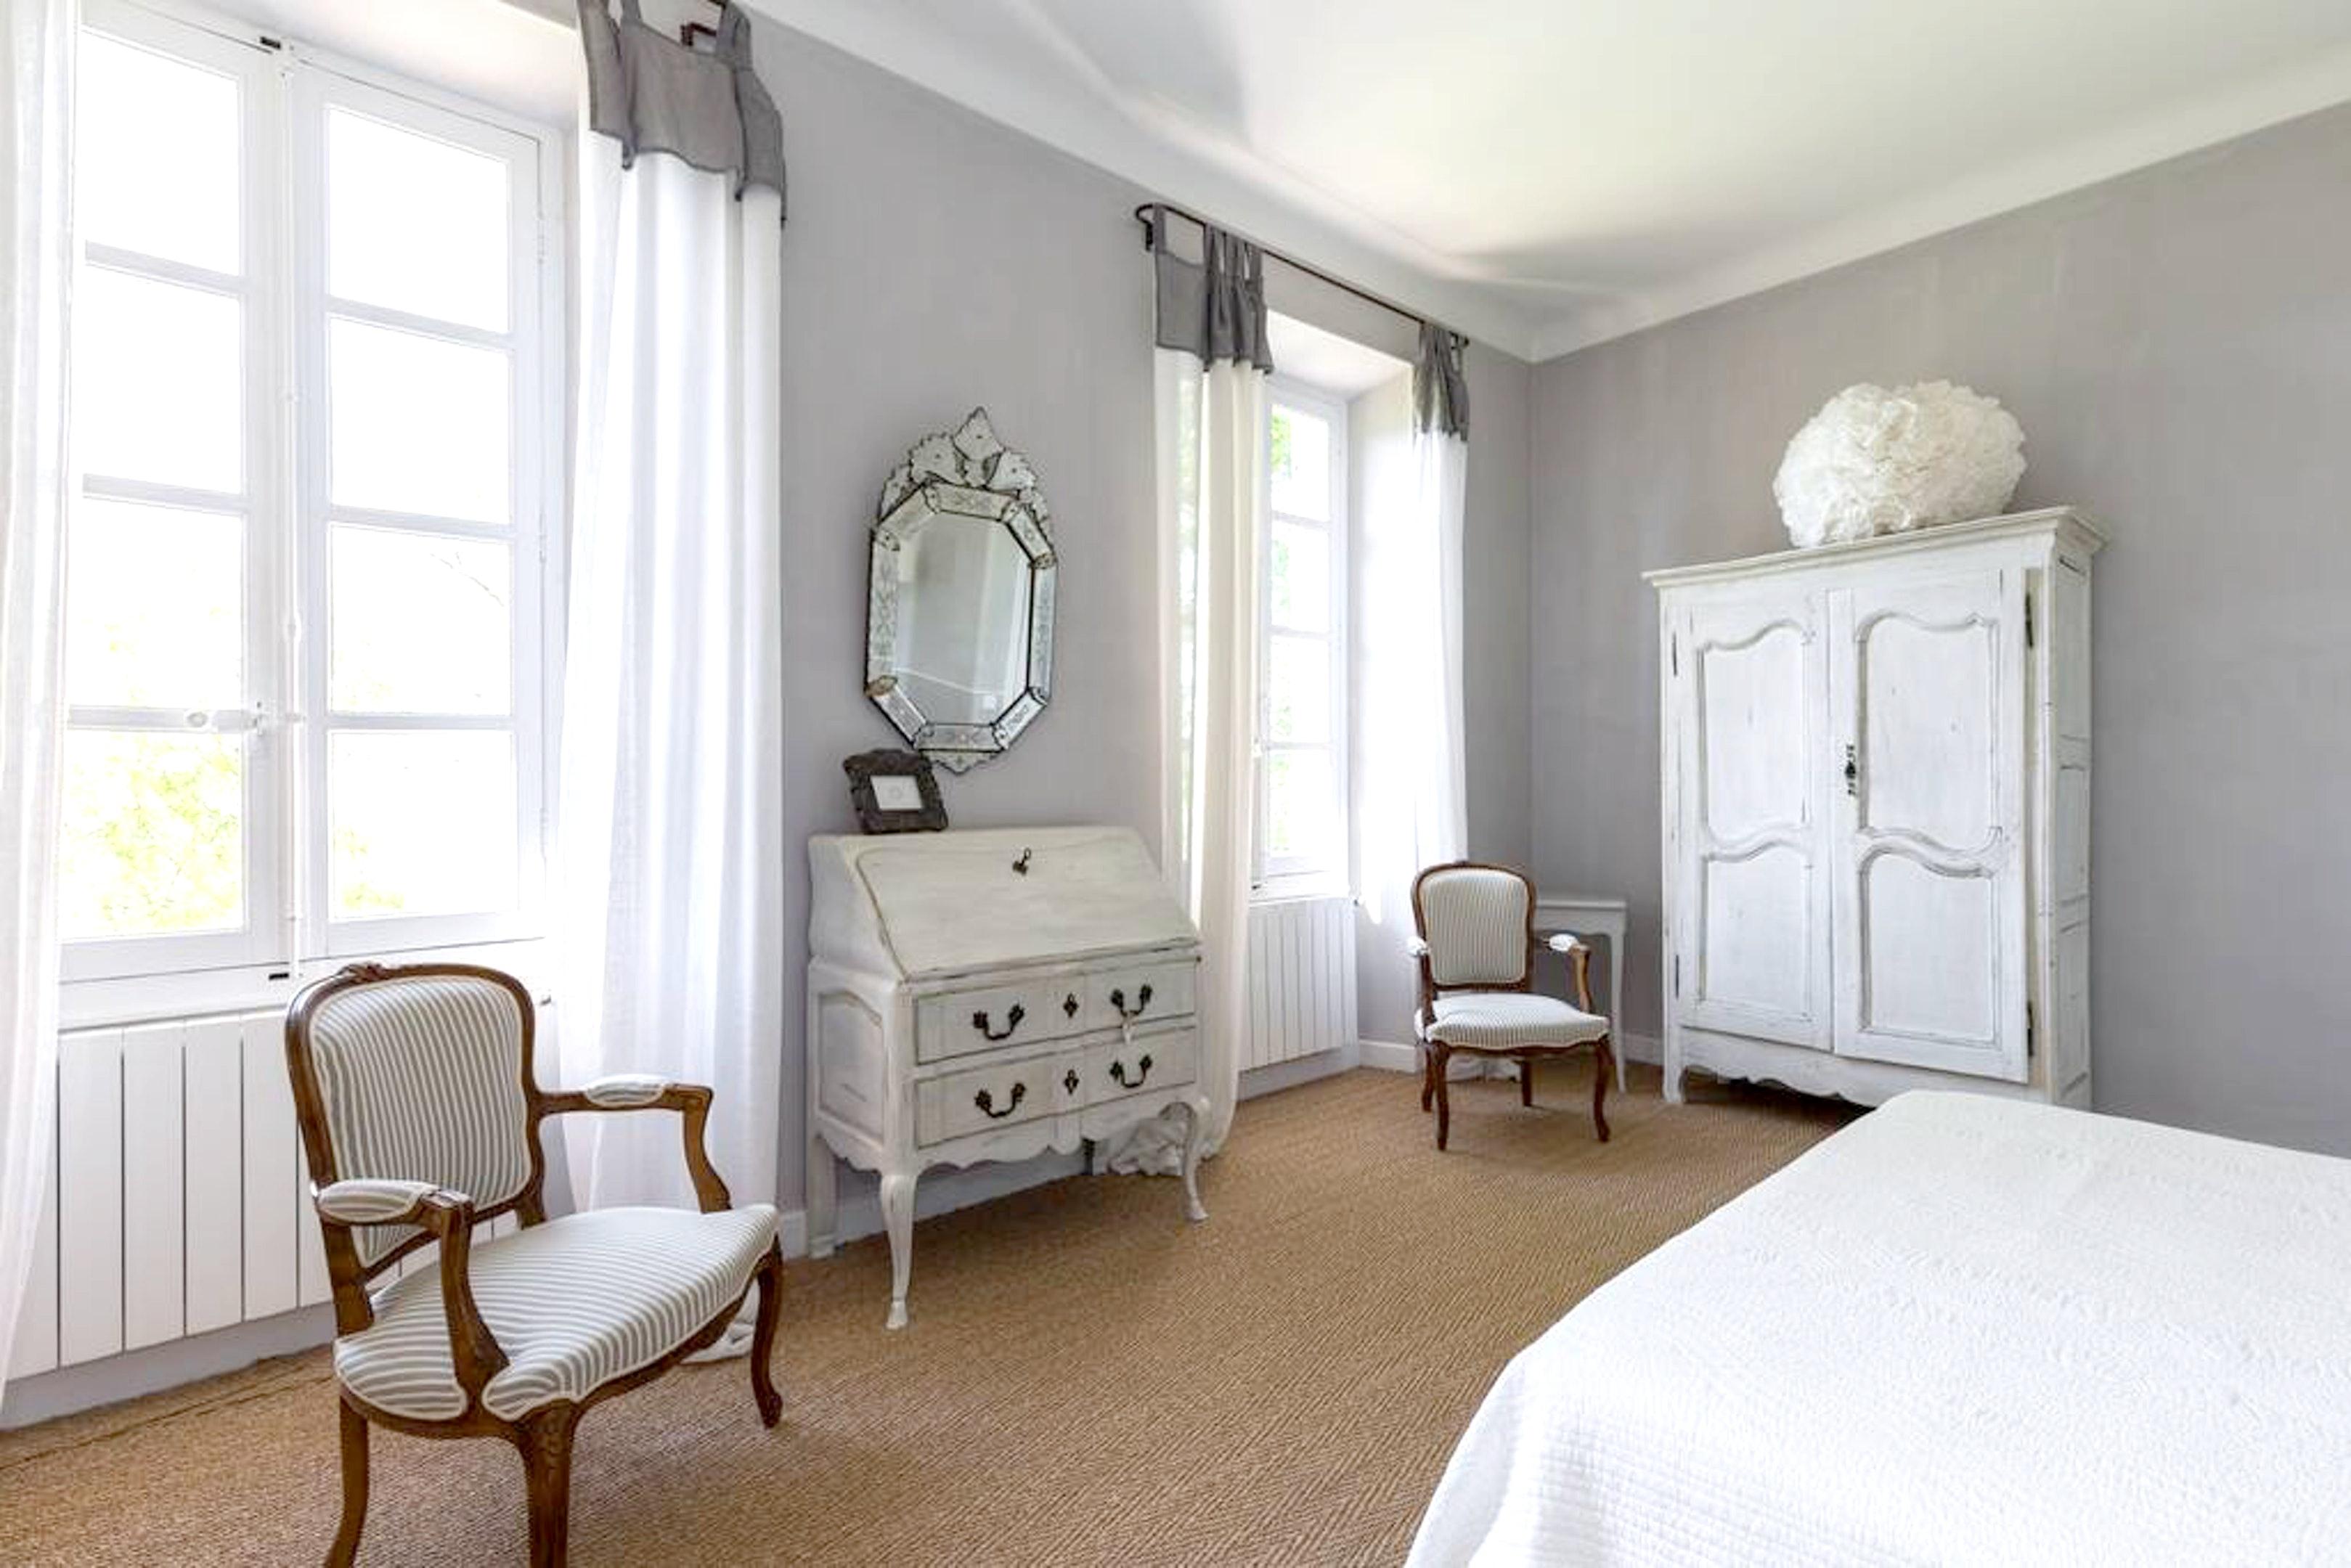 Maison de vacances Villa mit 6 Schlafzimmern in L'Isle-sur-la-Sorgue mit privatem Pool, möbliertem Garten und (2647203), L'Isle sur la Sorgue, Vaucluse, Provence - Alpes - Côte d'Azur, France, image 13